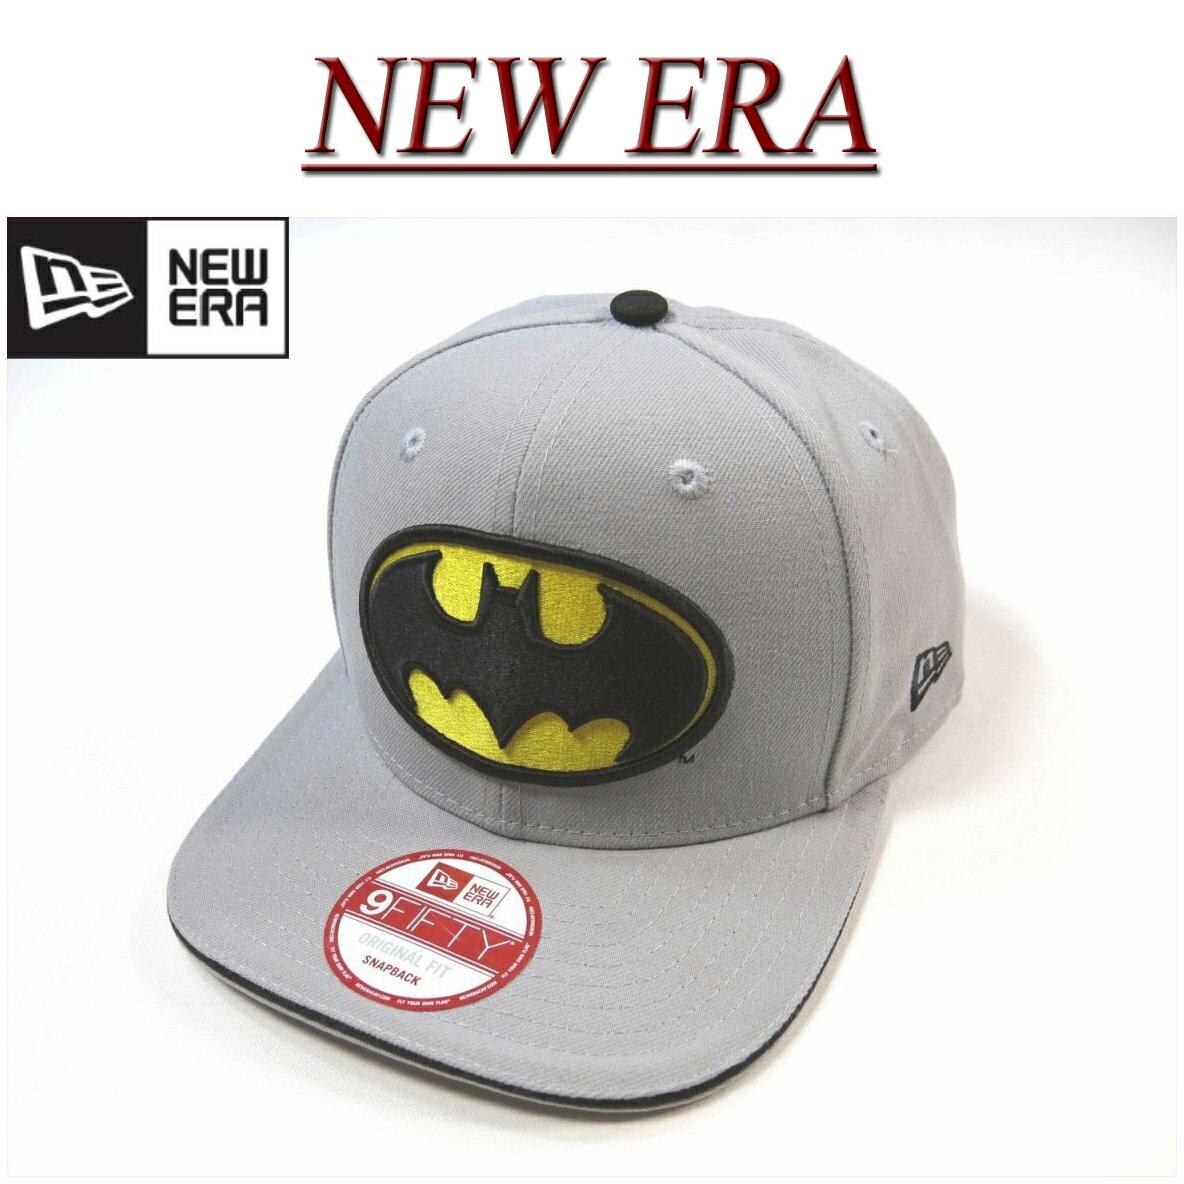 aa731 新品 NEW ERA 9FIFTY バットマン シンボルロゴ スナップバック キャップ メンズ ニューエラ WORD BACK BATMAN SNAPBACK CAP アメカジ 【smtb-kd】